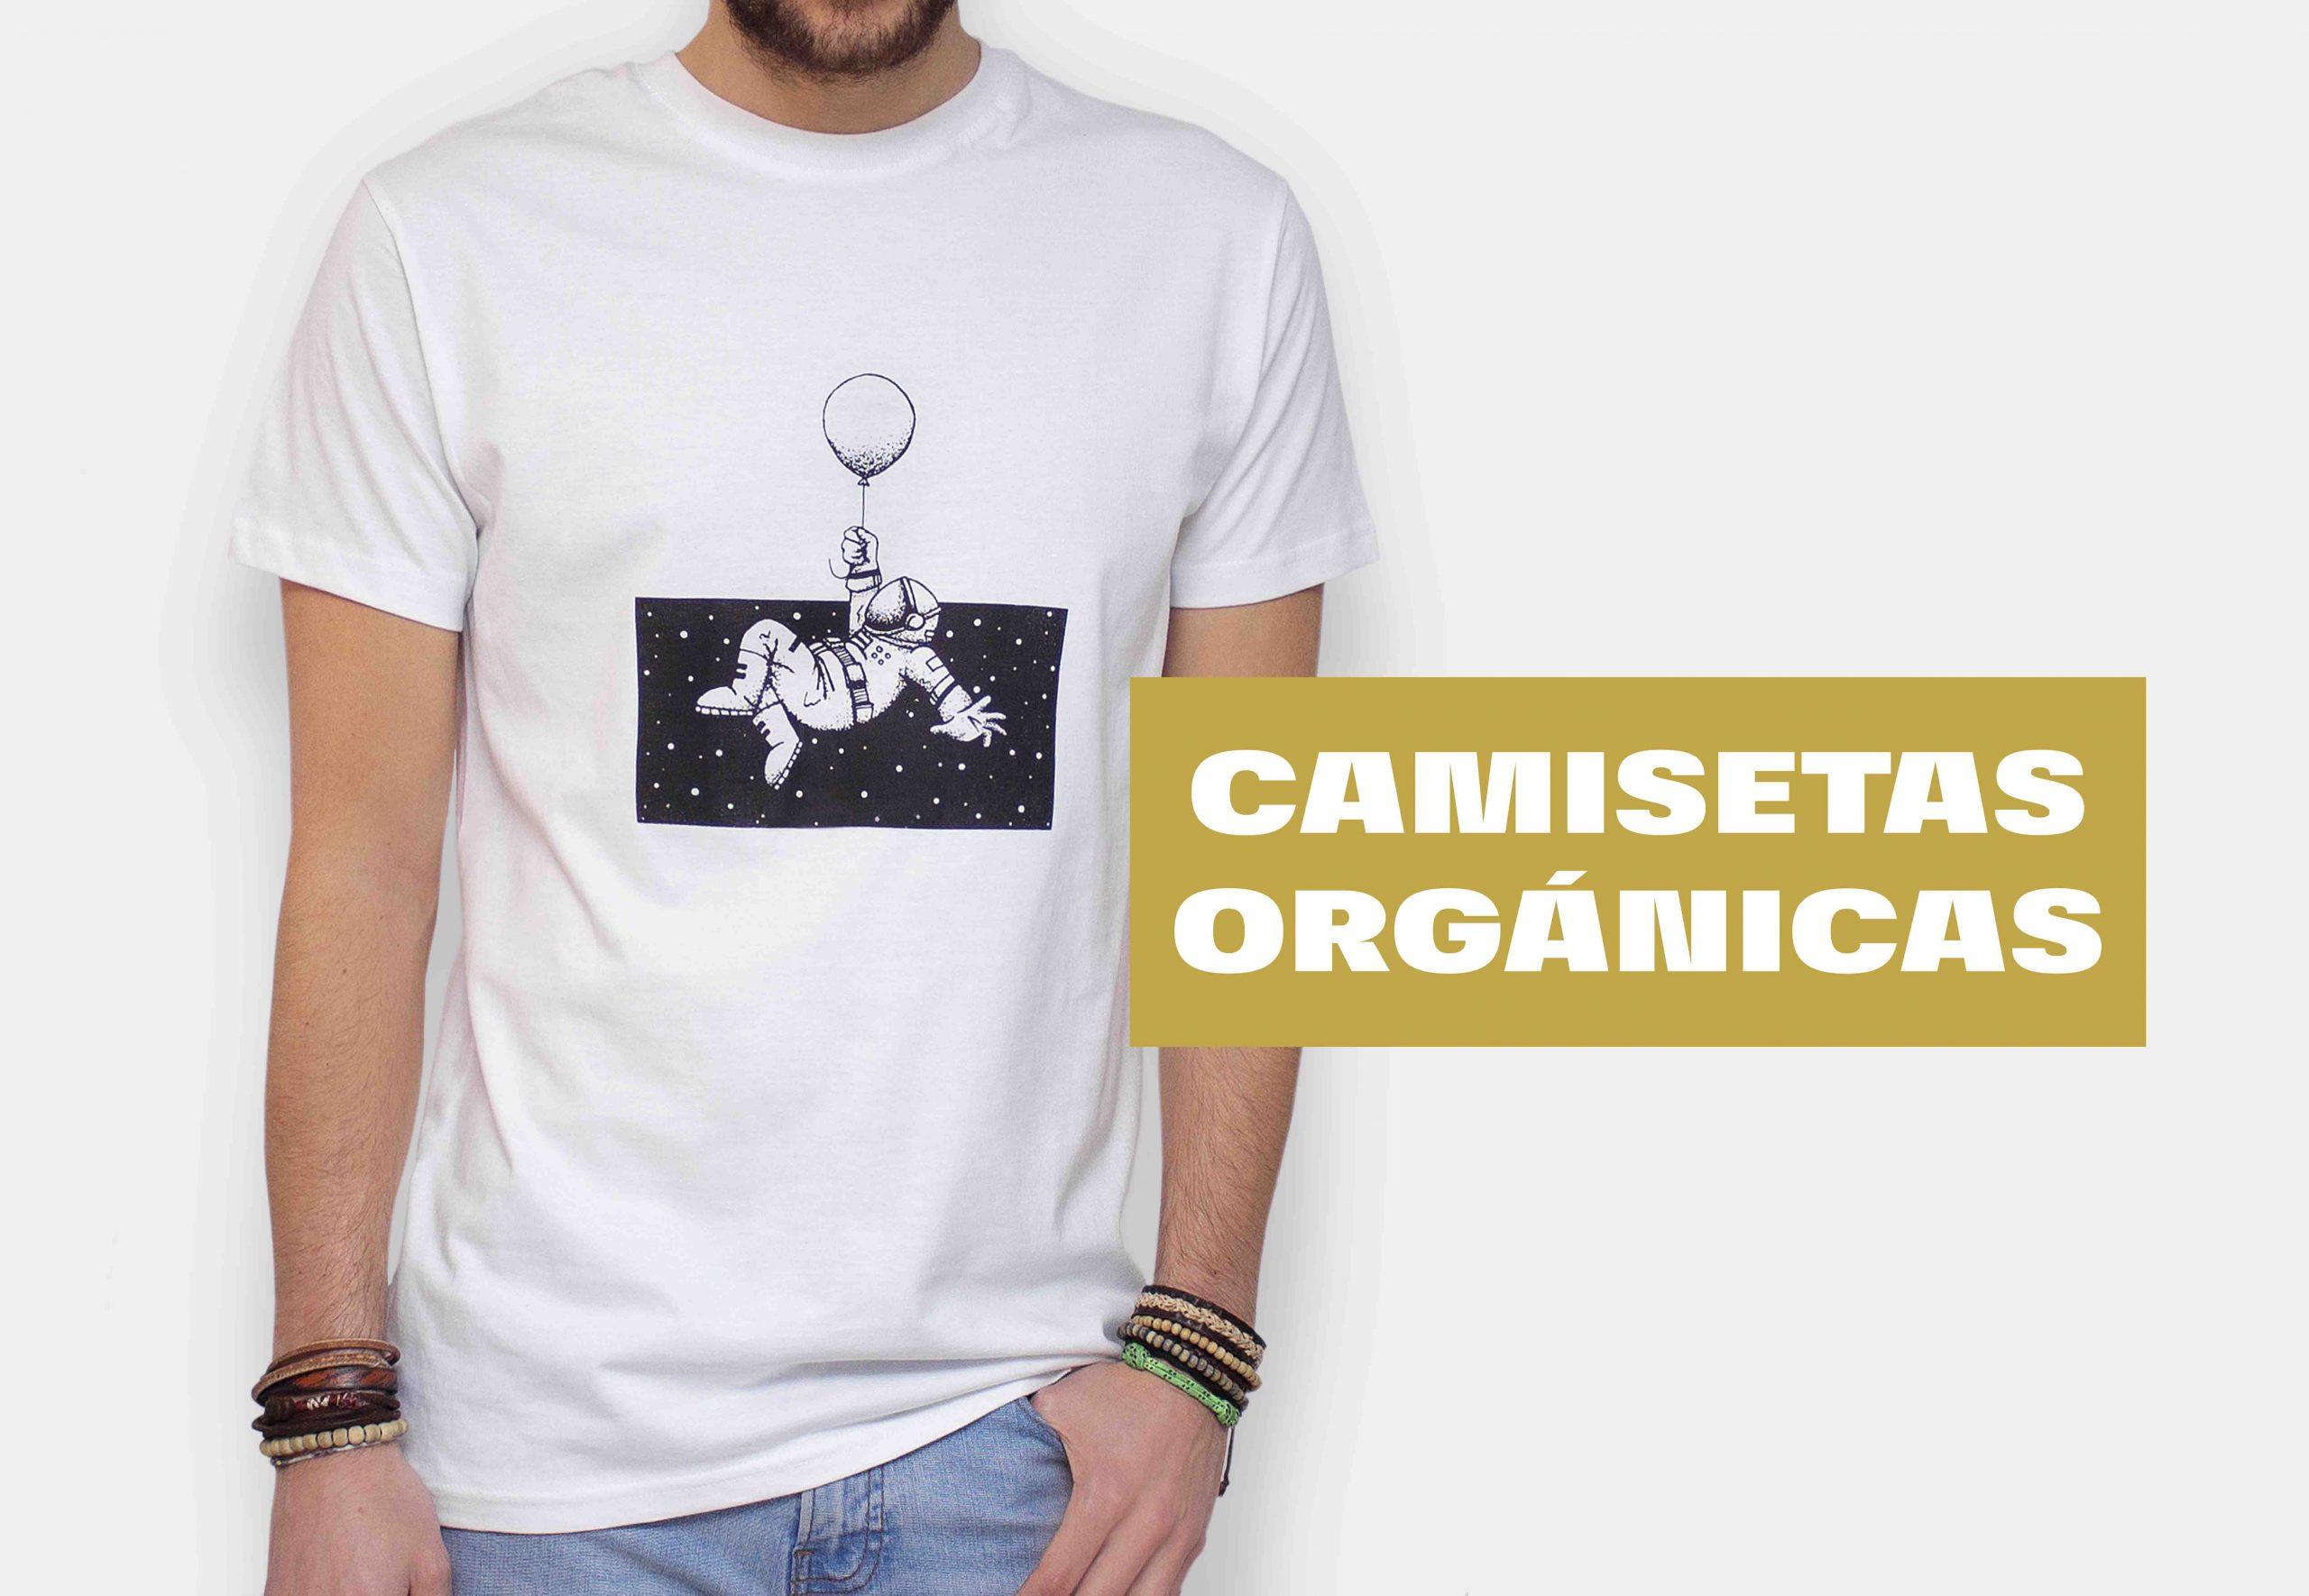 camisetas y sudaderas orgánicas con ilustraciones y serigrafia manual. Camisetas